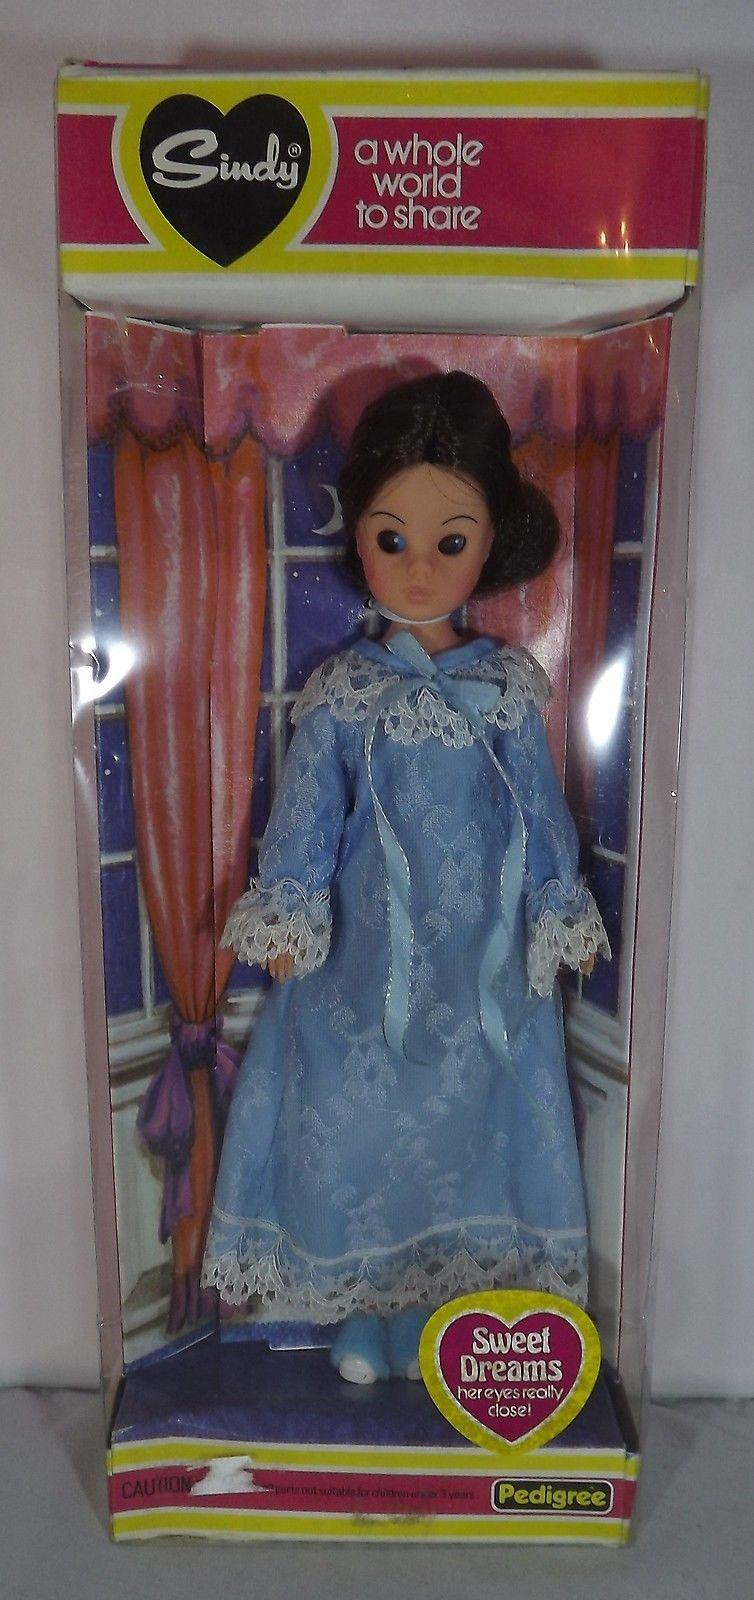 sindy sweet dreams vintage doll 1979